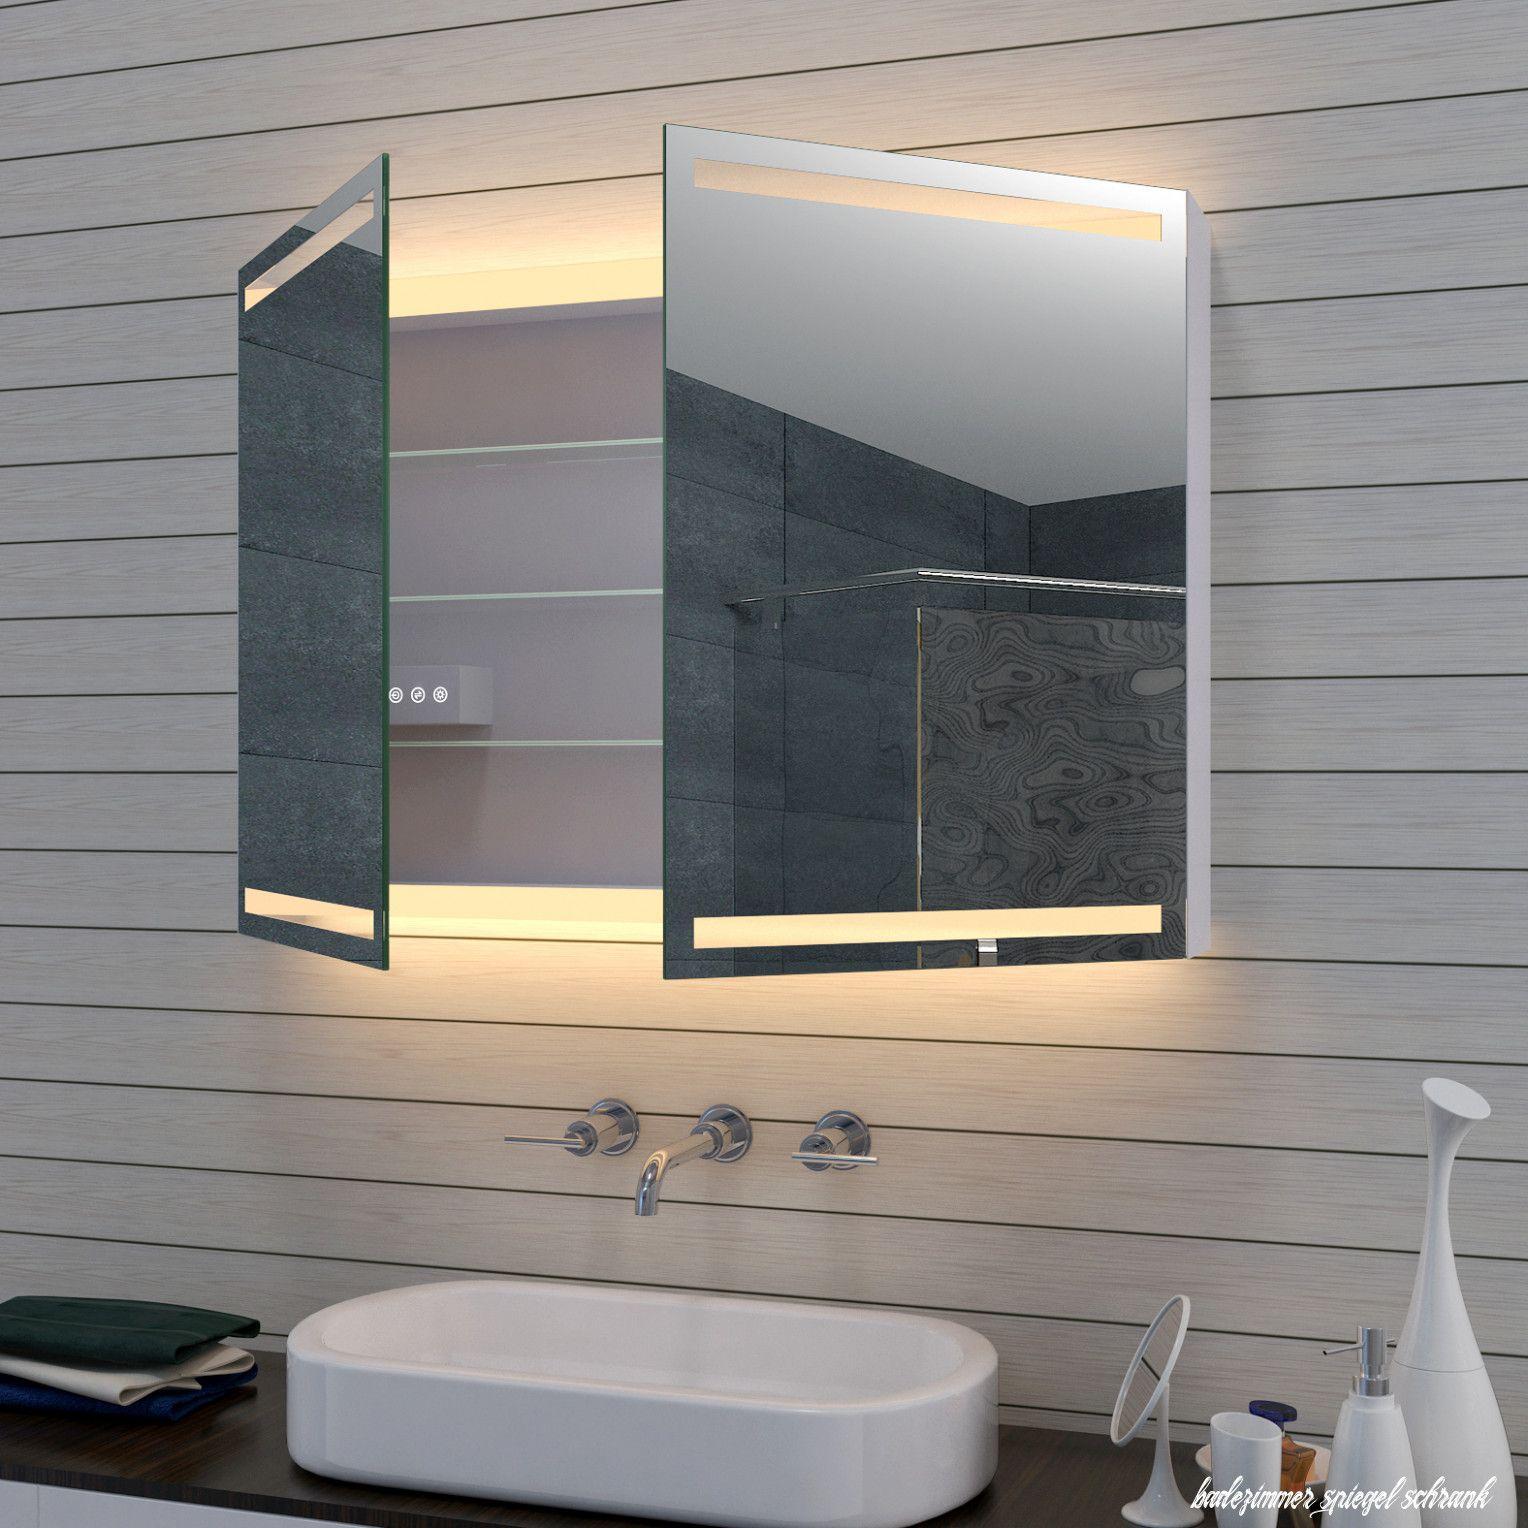 Www Lux Aqua De Aluminium Led Beleuchtung Badezimmer In 2020 Badezimmer Badezimmer Led Led